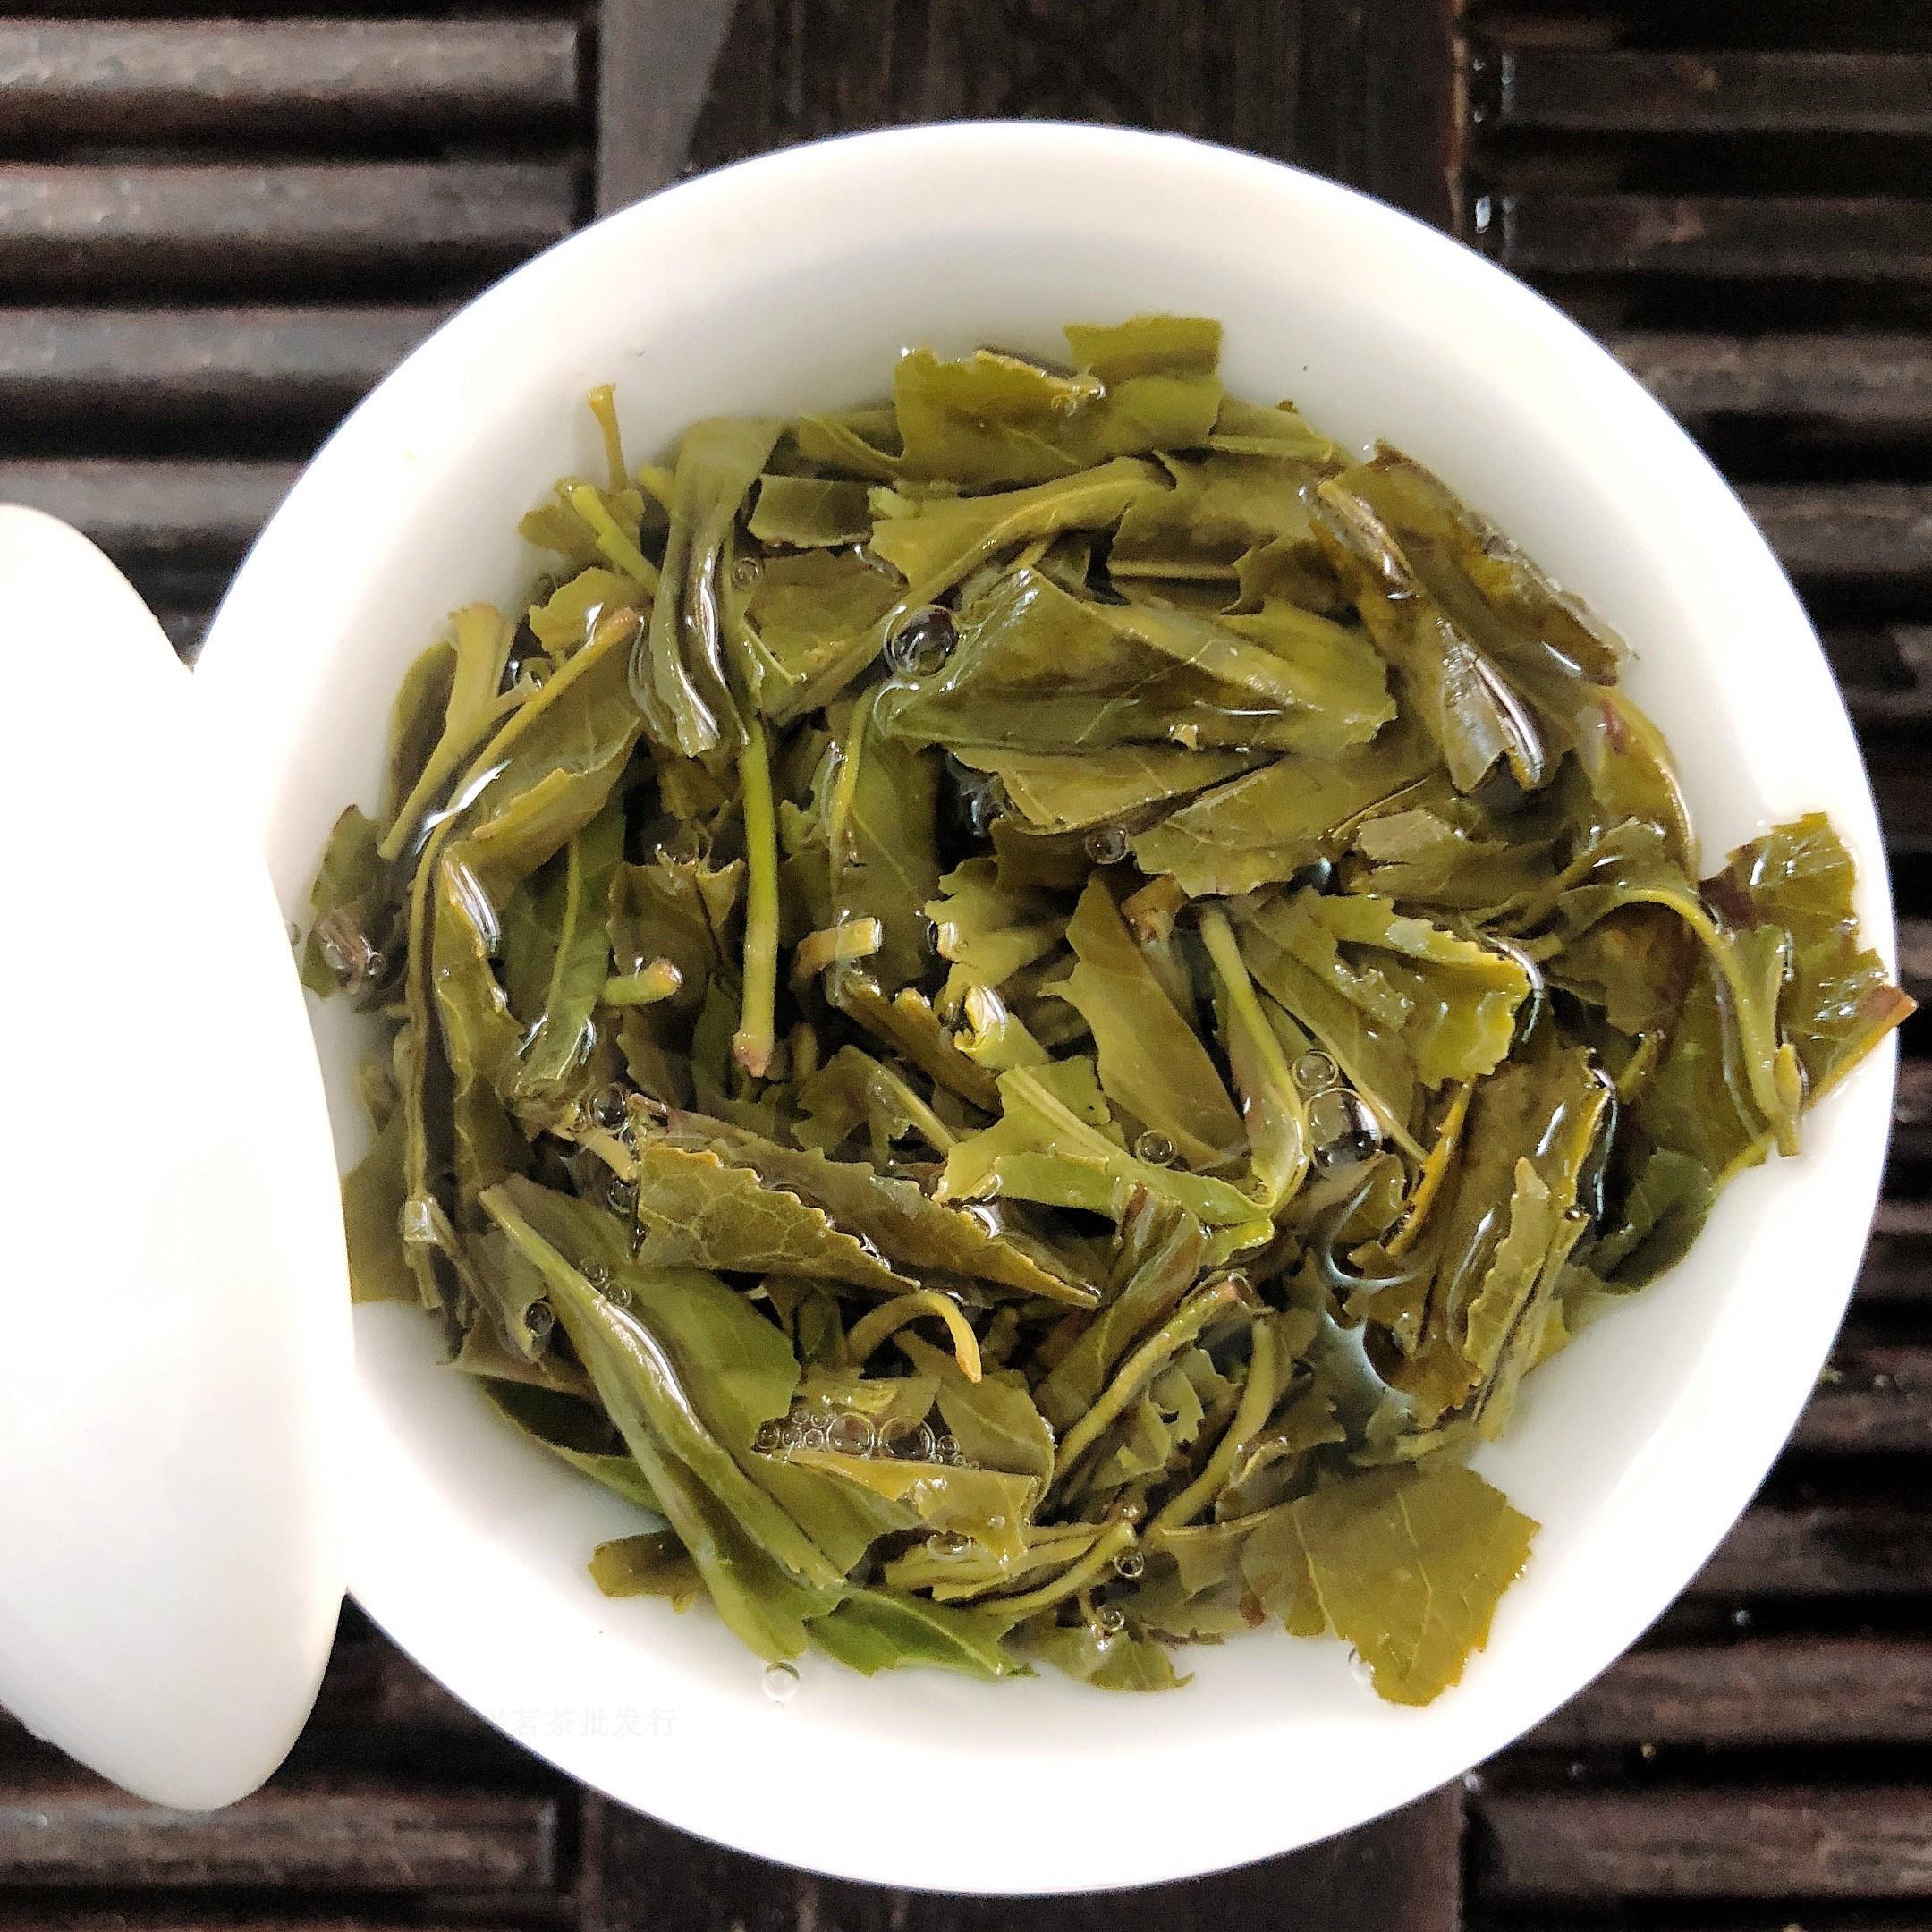 acheter Thé vert de chine cueillette | OkO-OkO